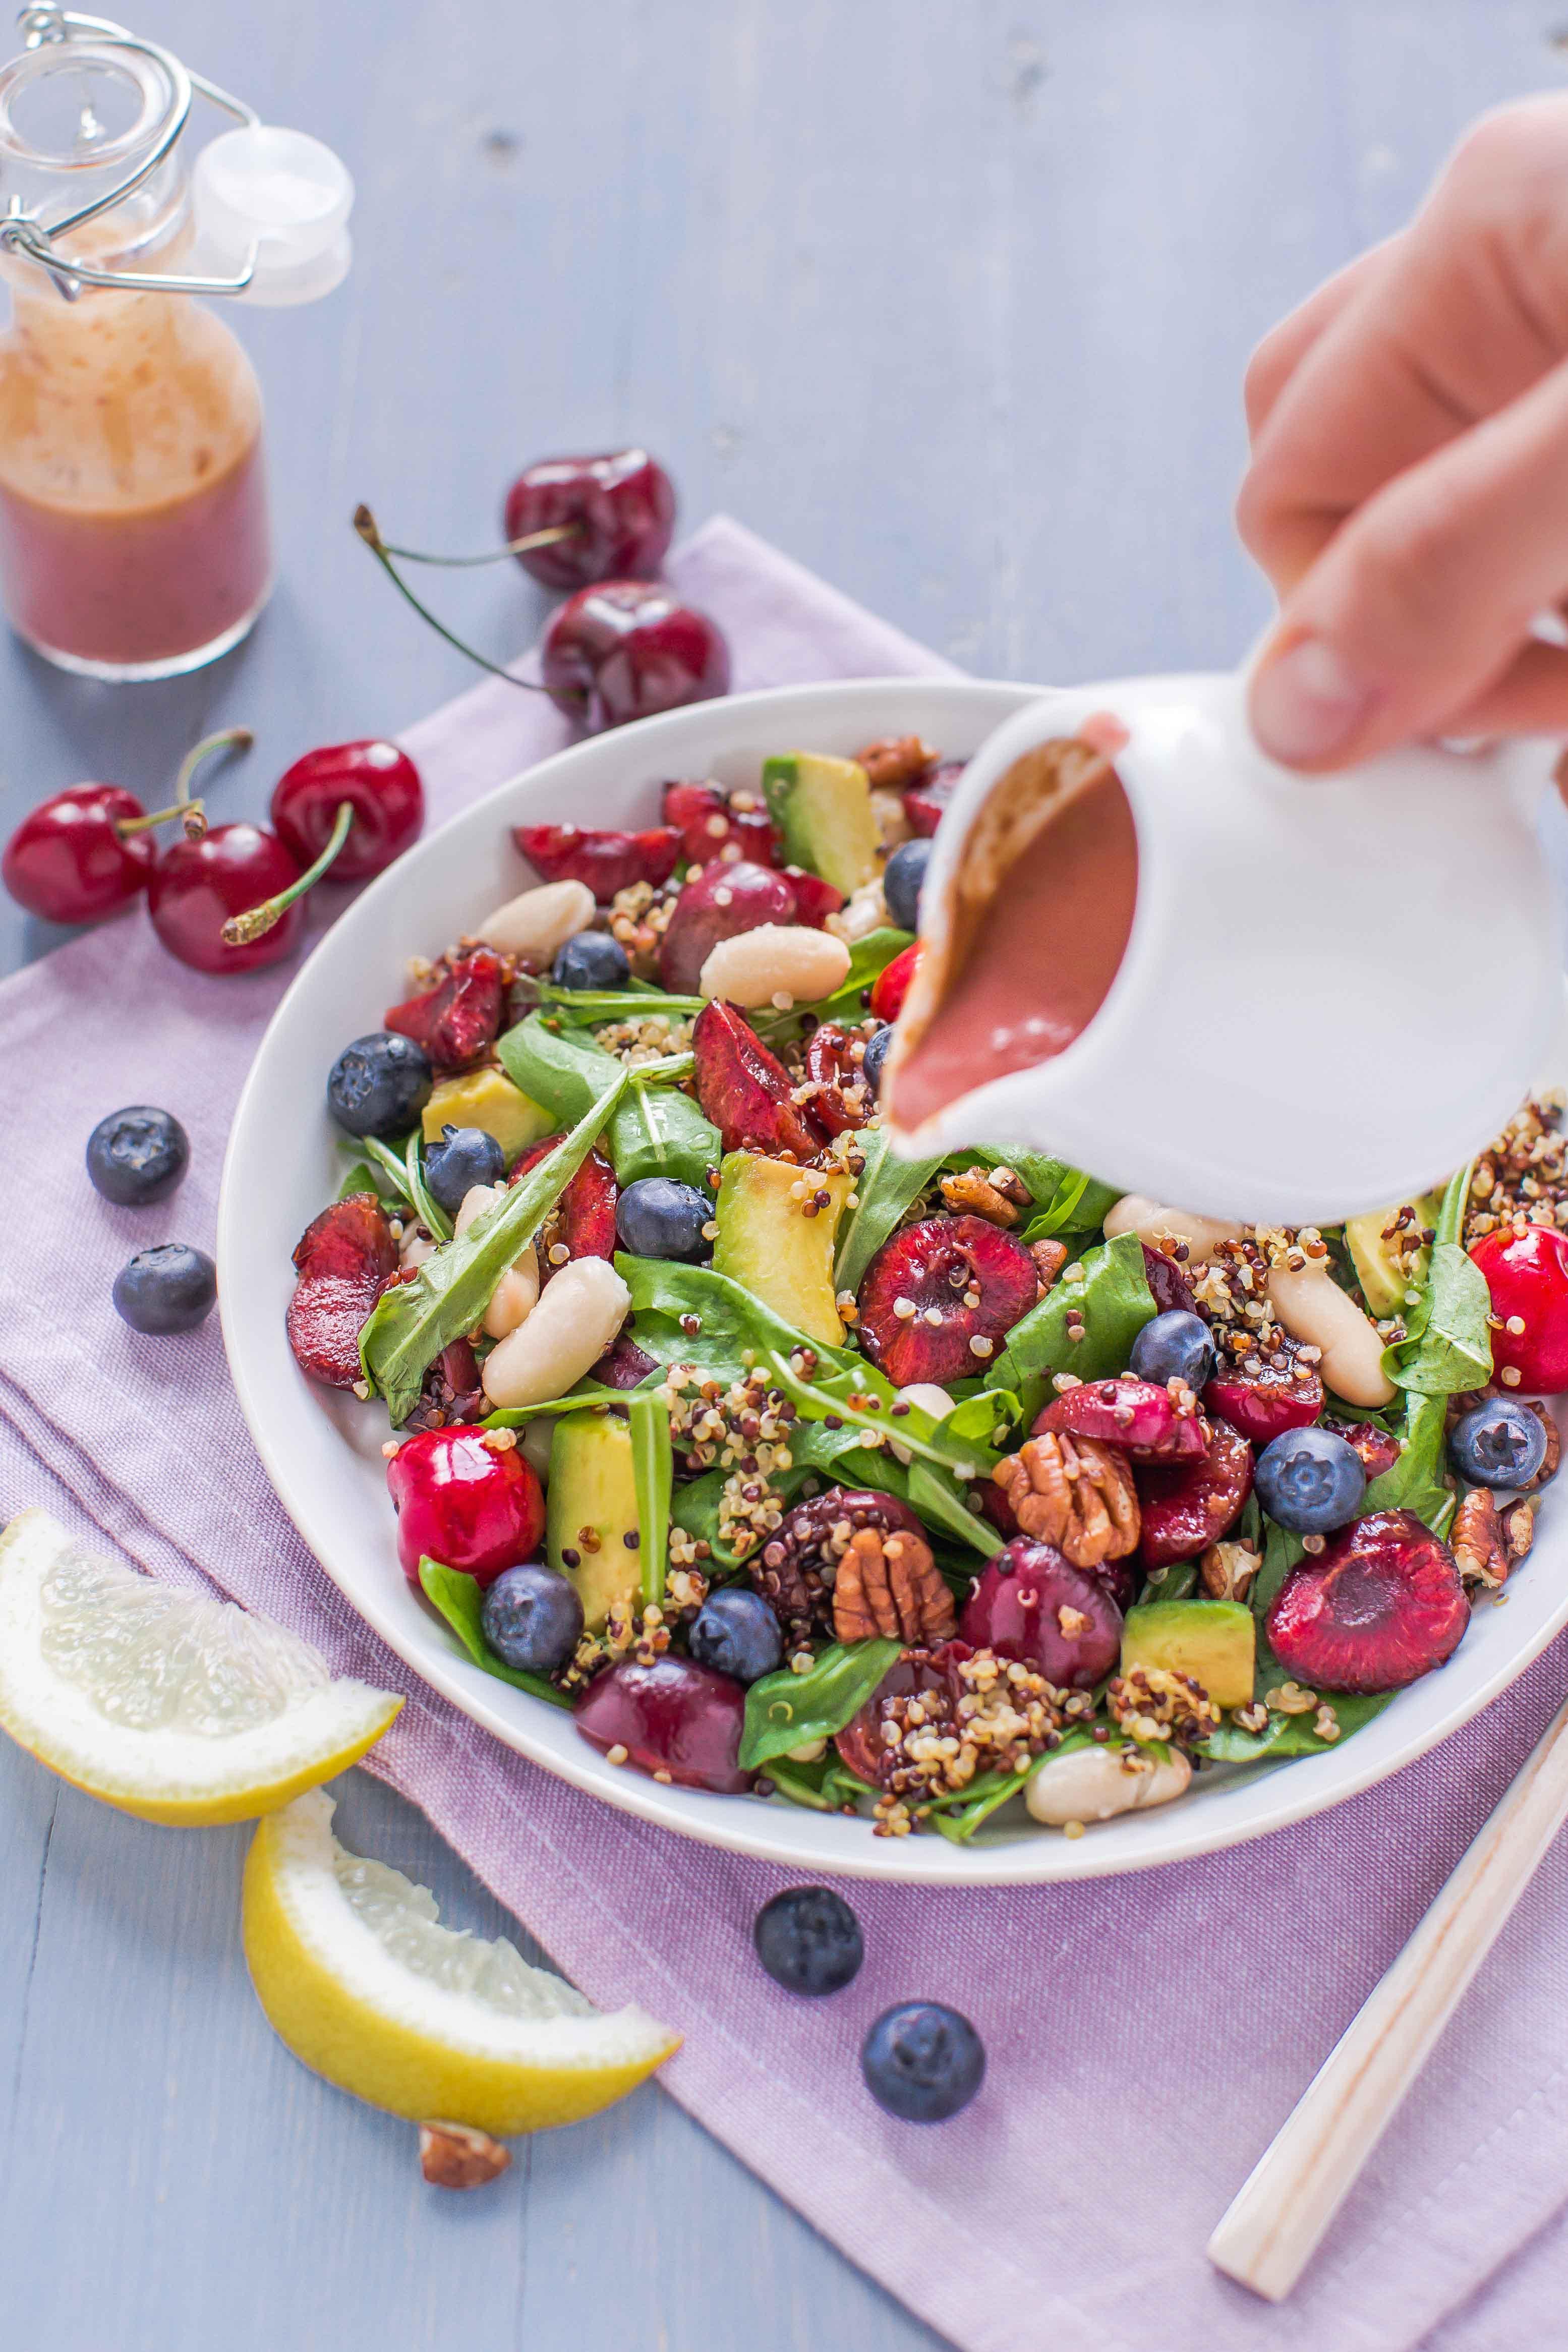 insalata di quinoa e ciliegie all'aceto balsamico con dressing alla ciliegie - balsamic cherry quinoa salad with cherry vinaigrette dressing 2